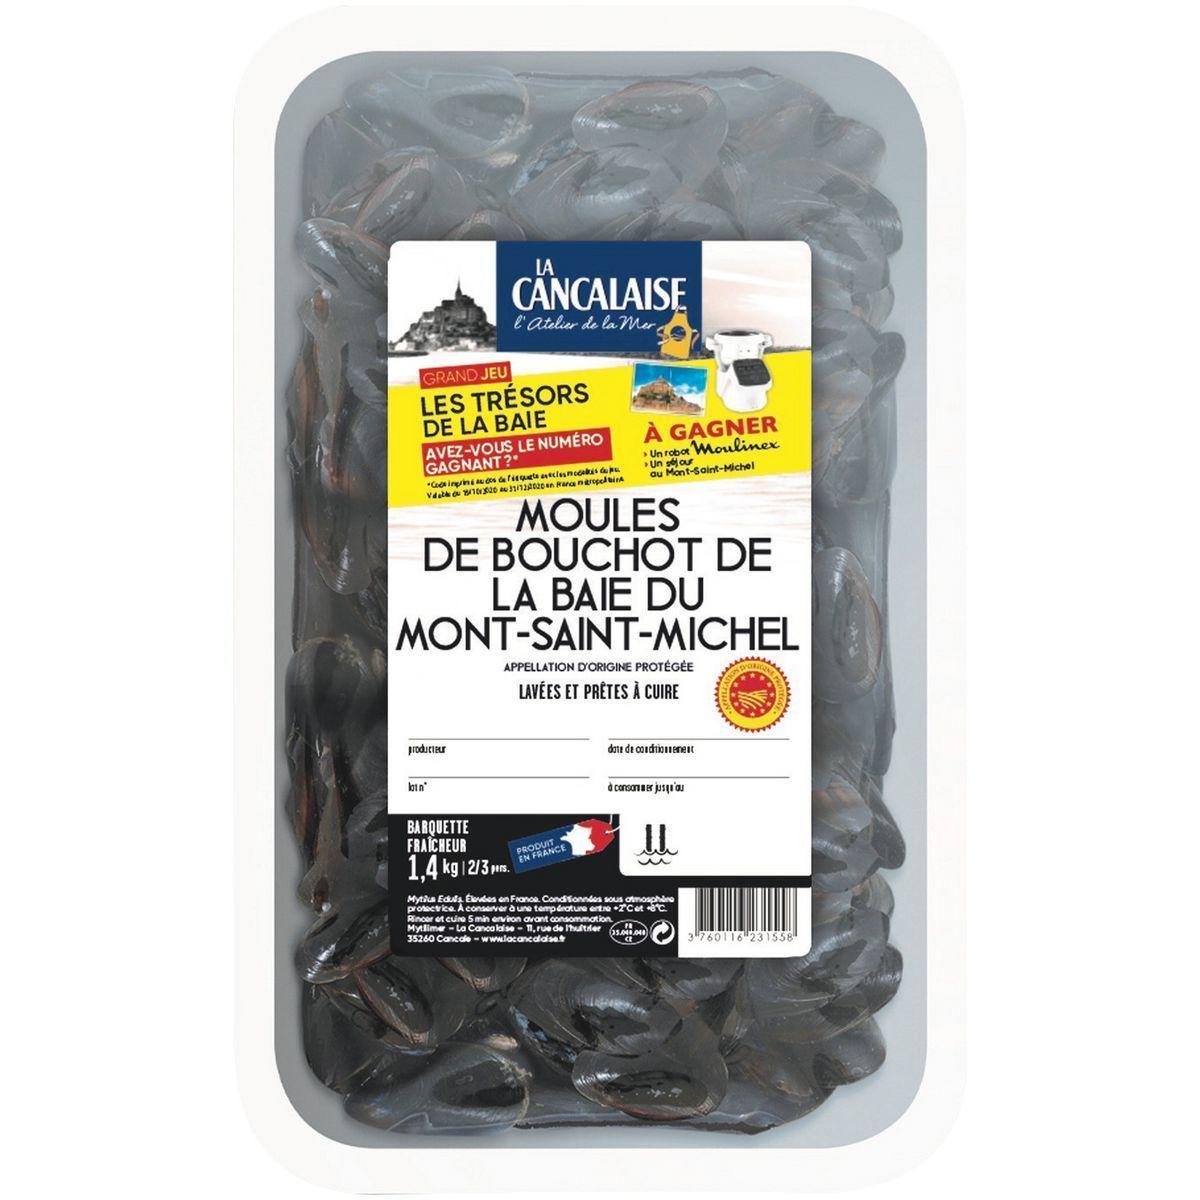 Moules de bouchot AOP du mont saint michel offre à 3,99€